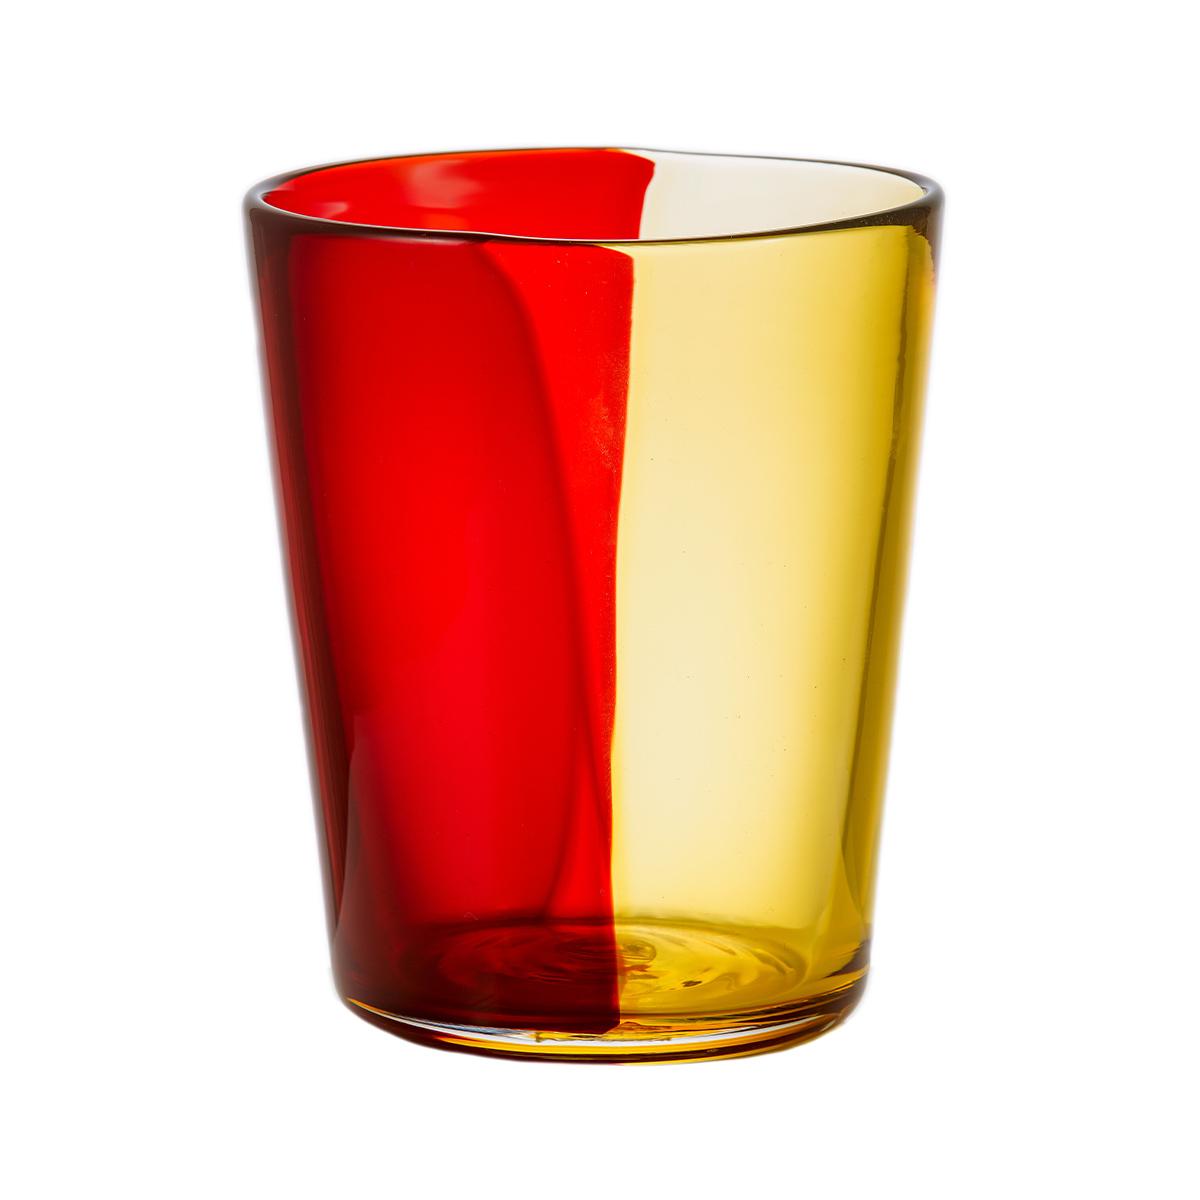 rothko_glass_red_amber_murano_handmade_luxury_design